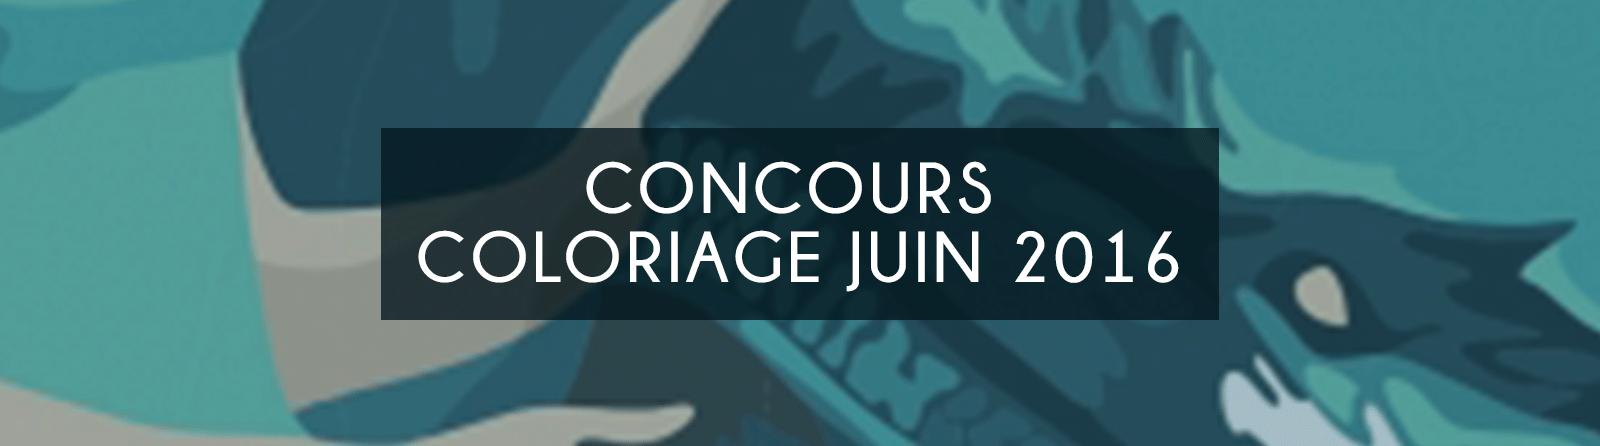 concours-coloriage-juin-2016